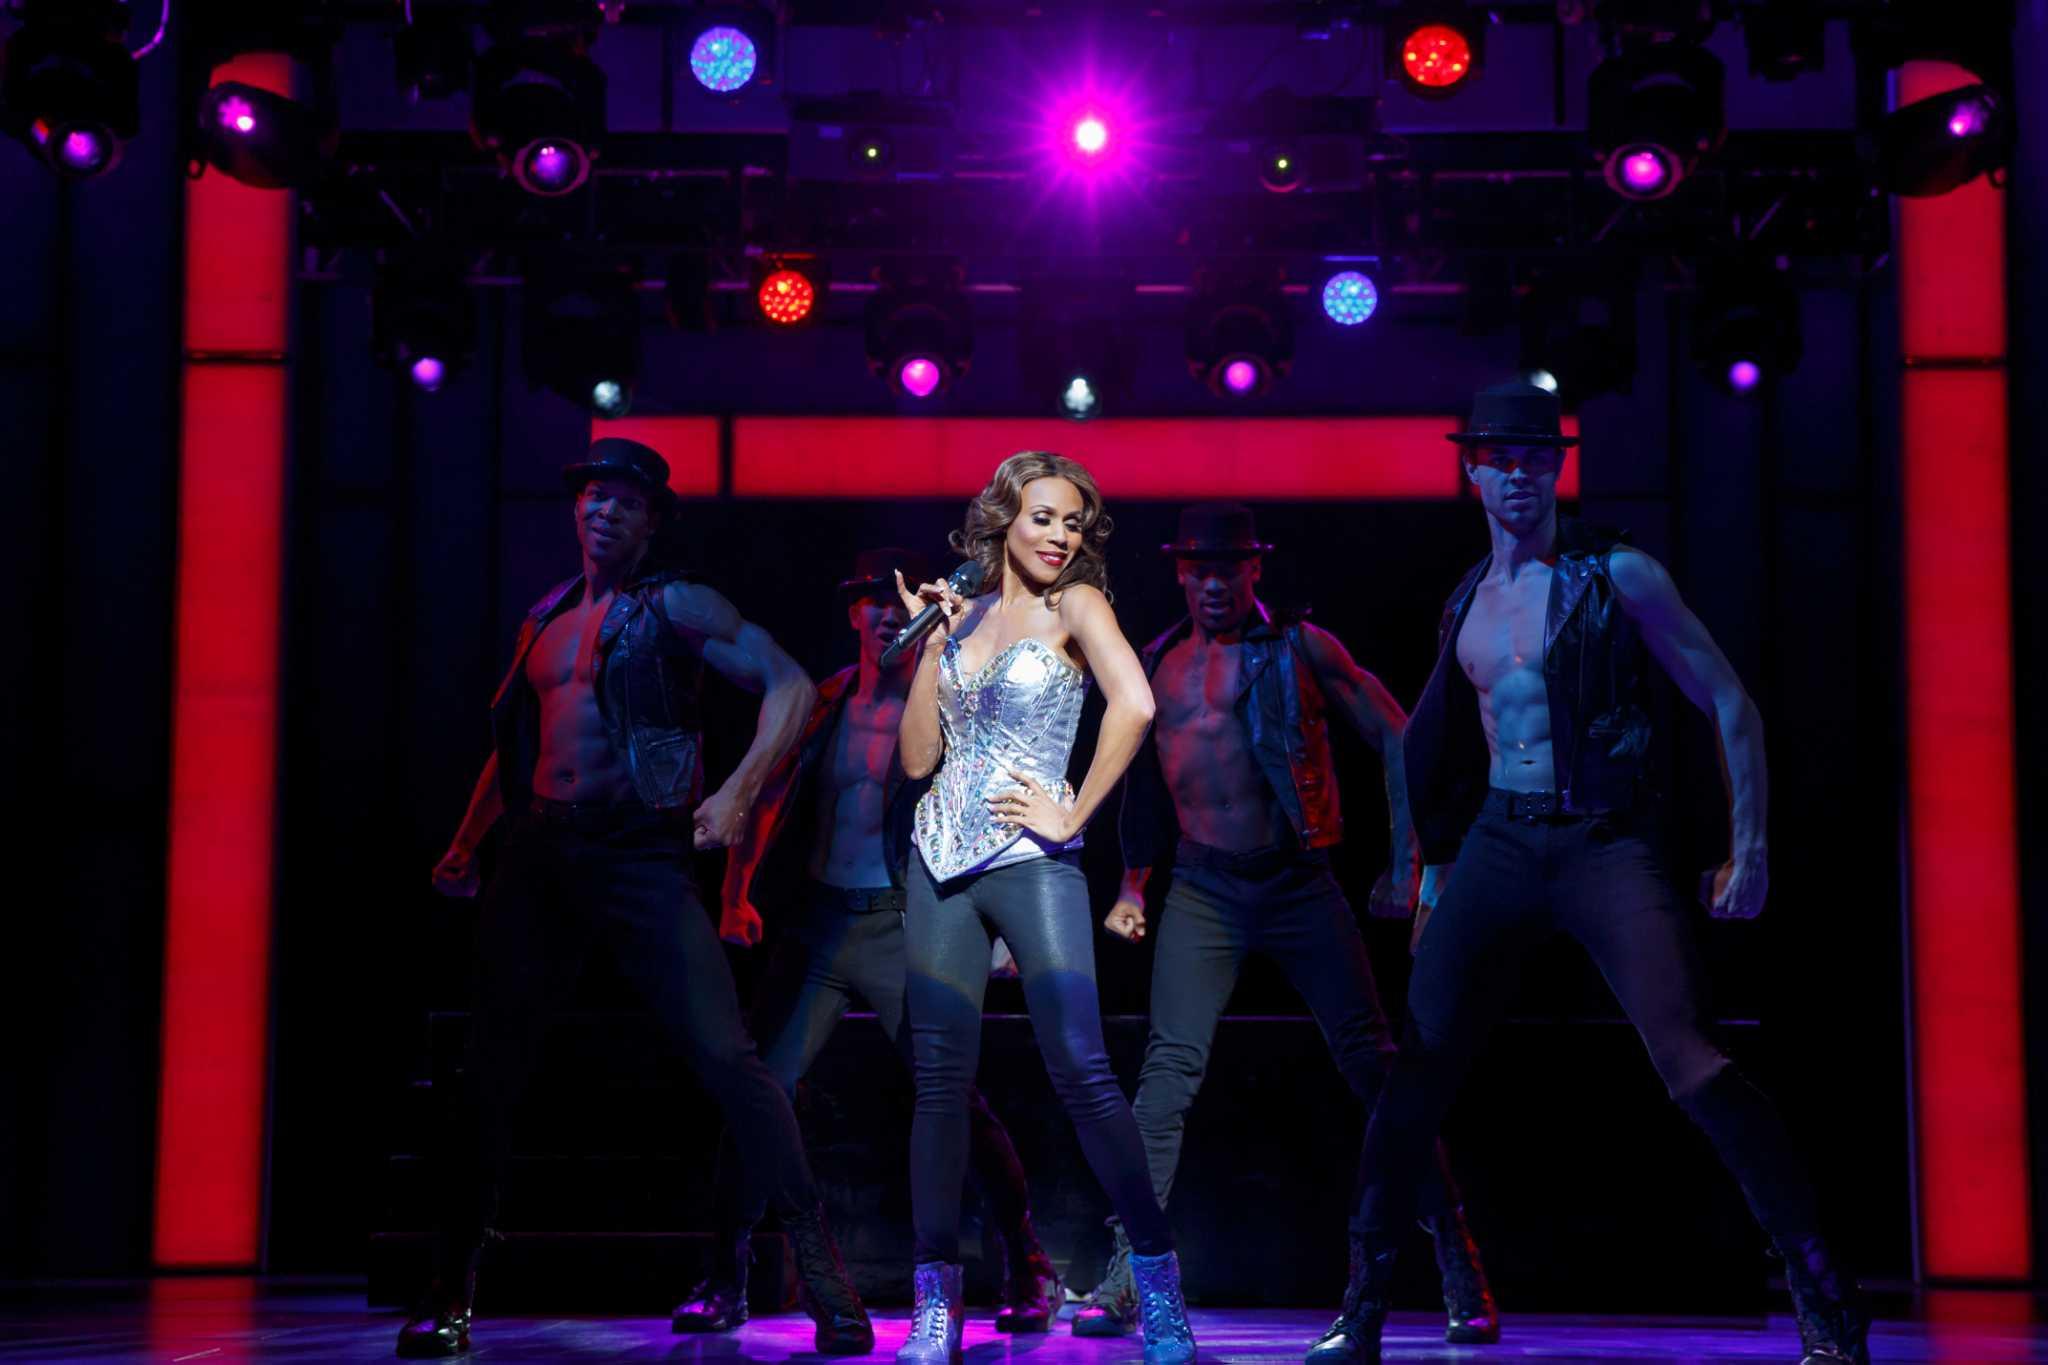 Deborah Cox in case you didn't know is a dance floor superstar